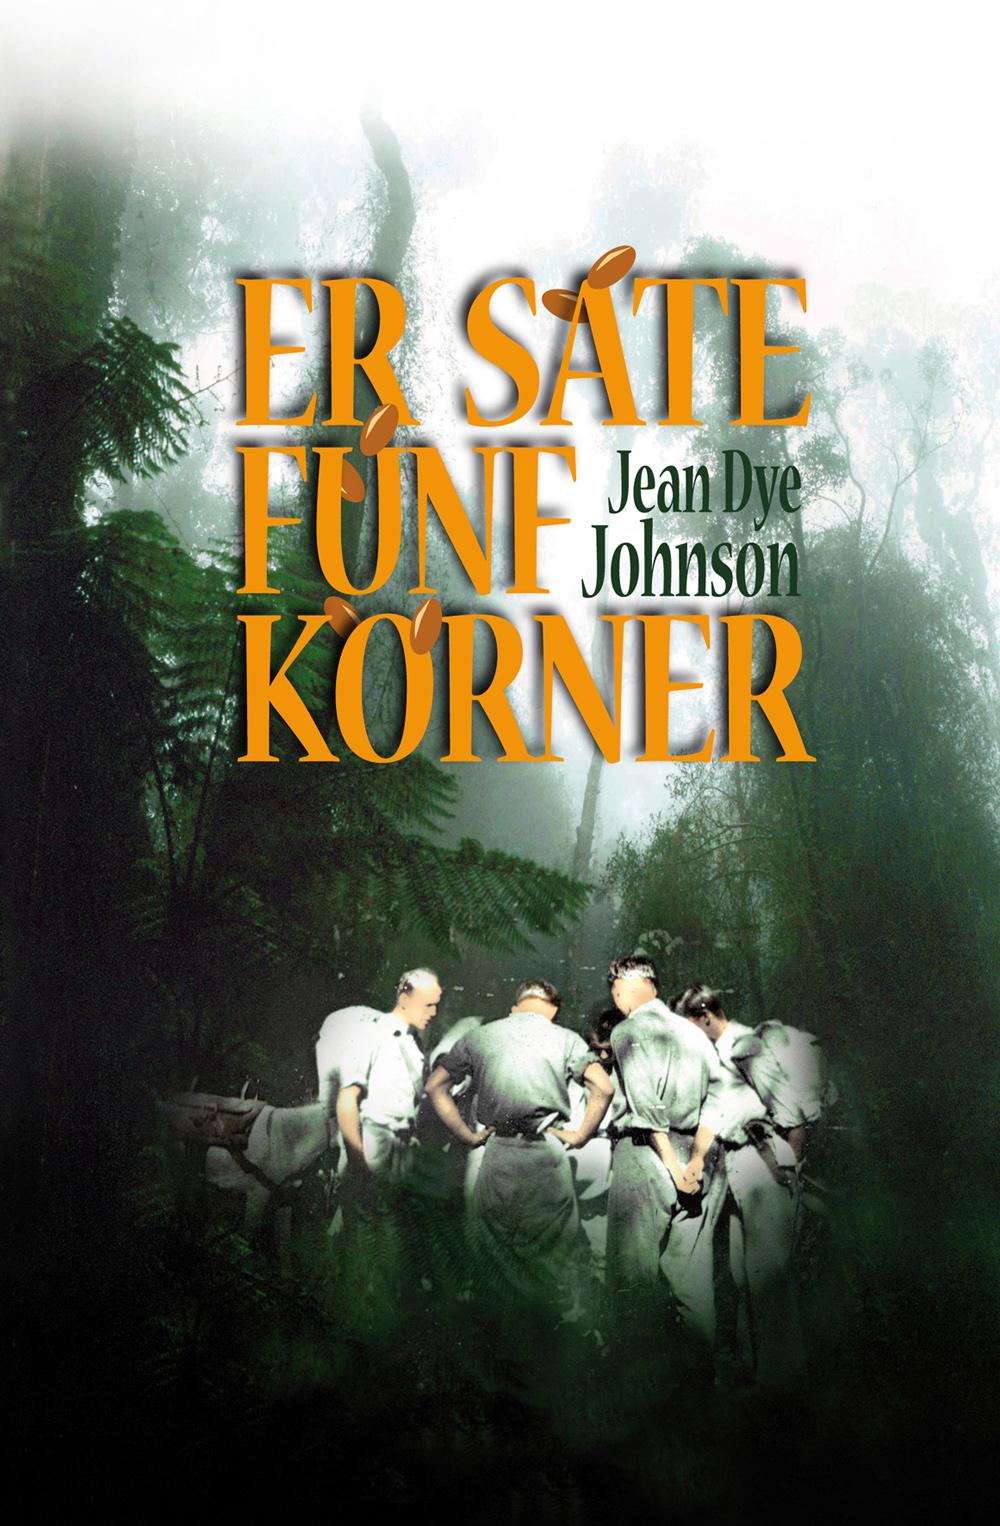 CLV_er-saete-fuenf-koerner_jean-dye-johnson_256221_1